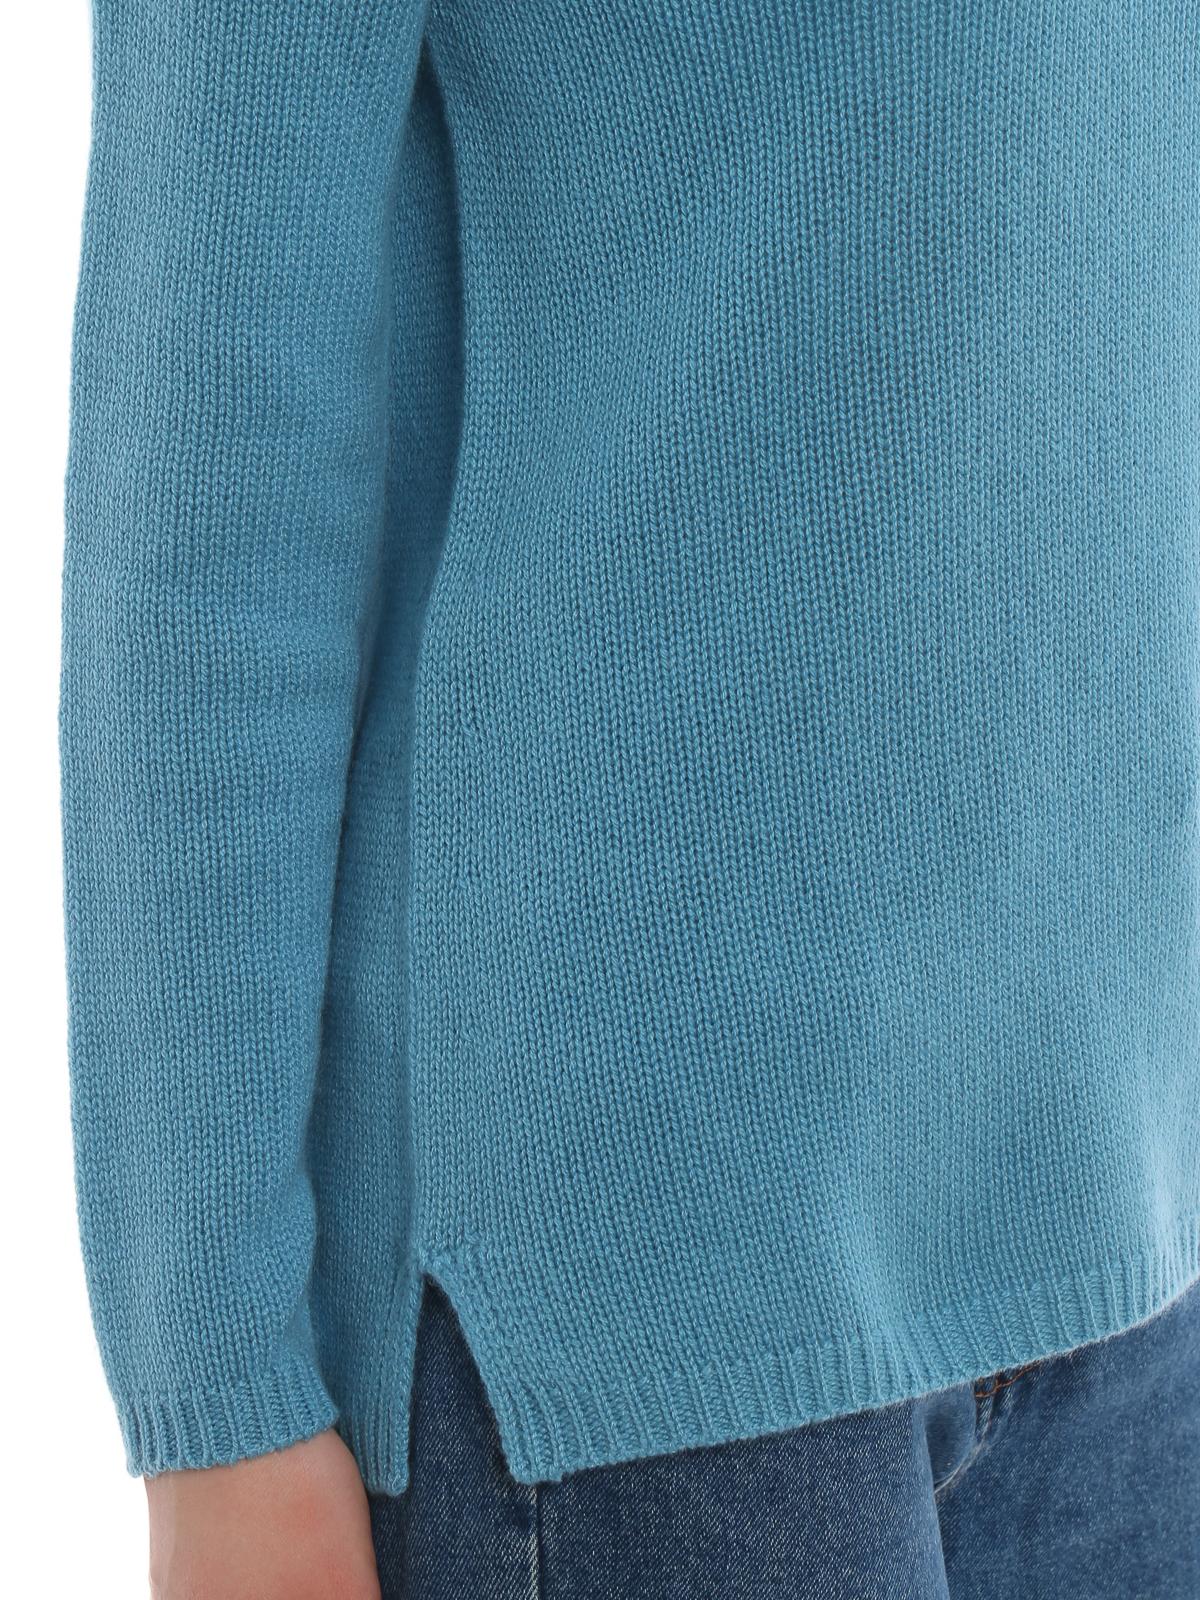 Max Mara - Pullover Giorgio azzurro in cashmere - maglia collo ... 11c51dbb06b